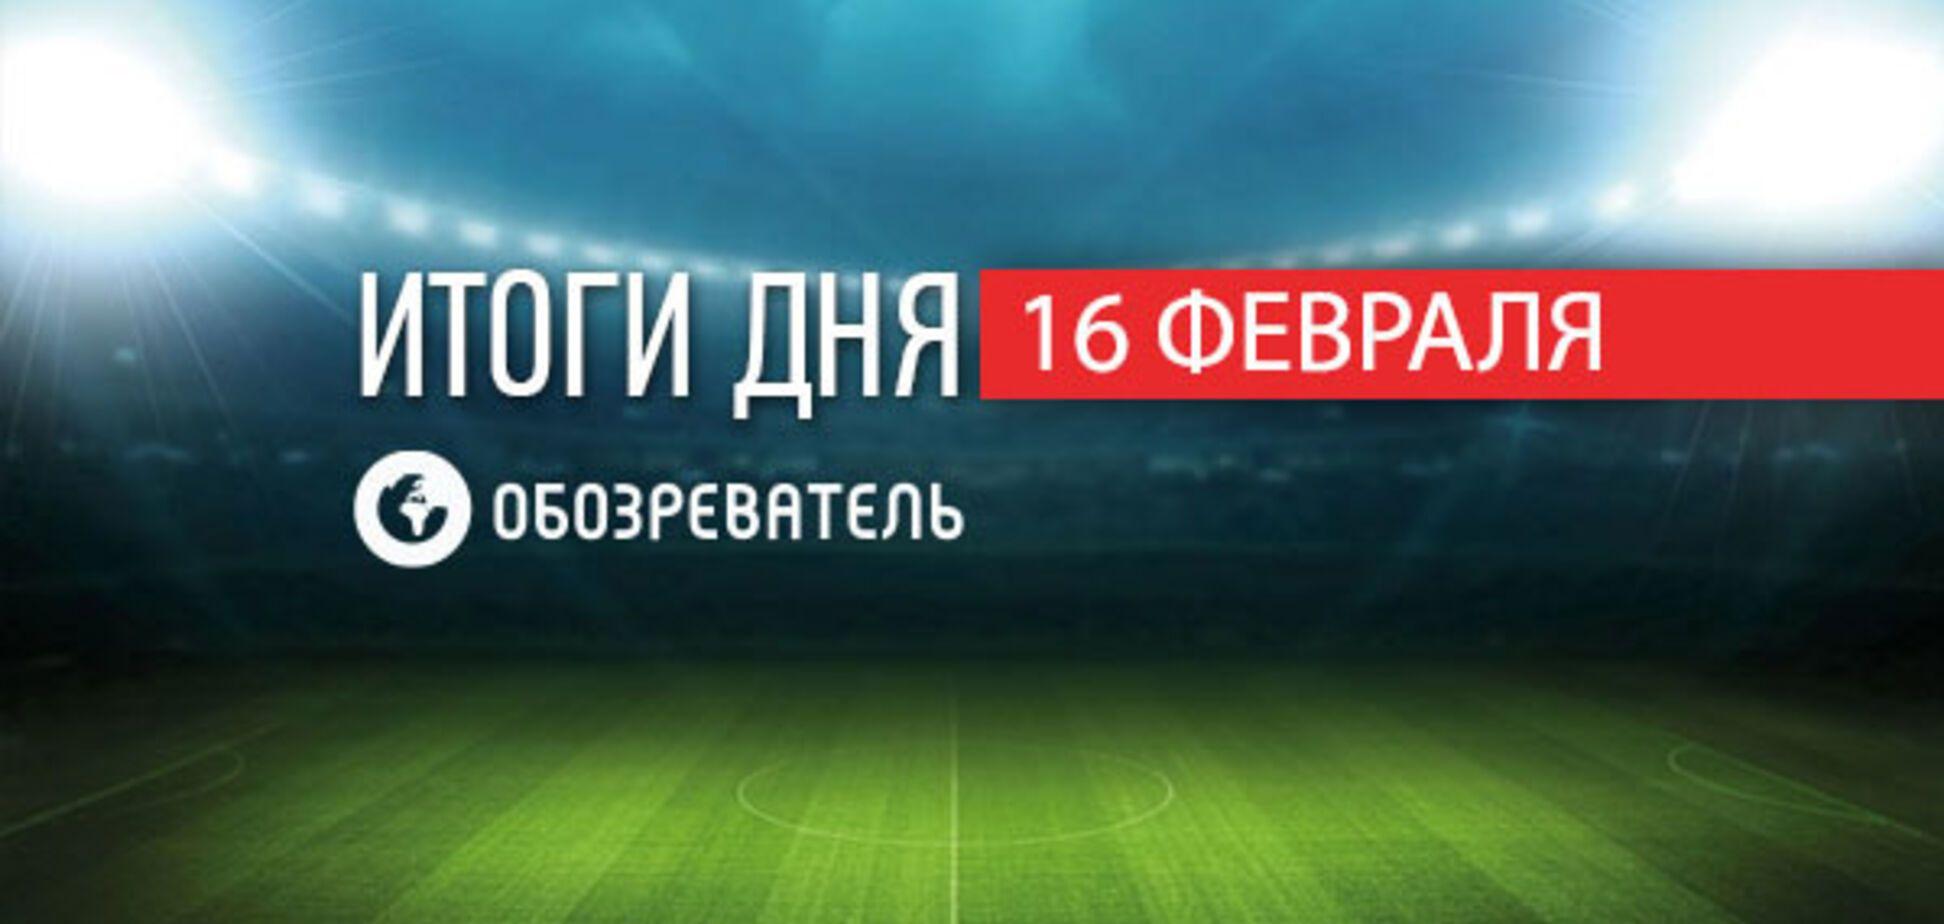 Усик проведет бой с Поветкиным: спортивные итоги 16 февраля